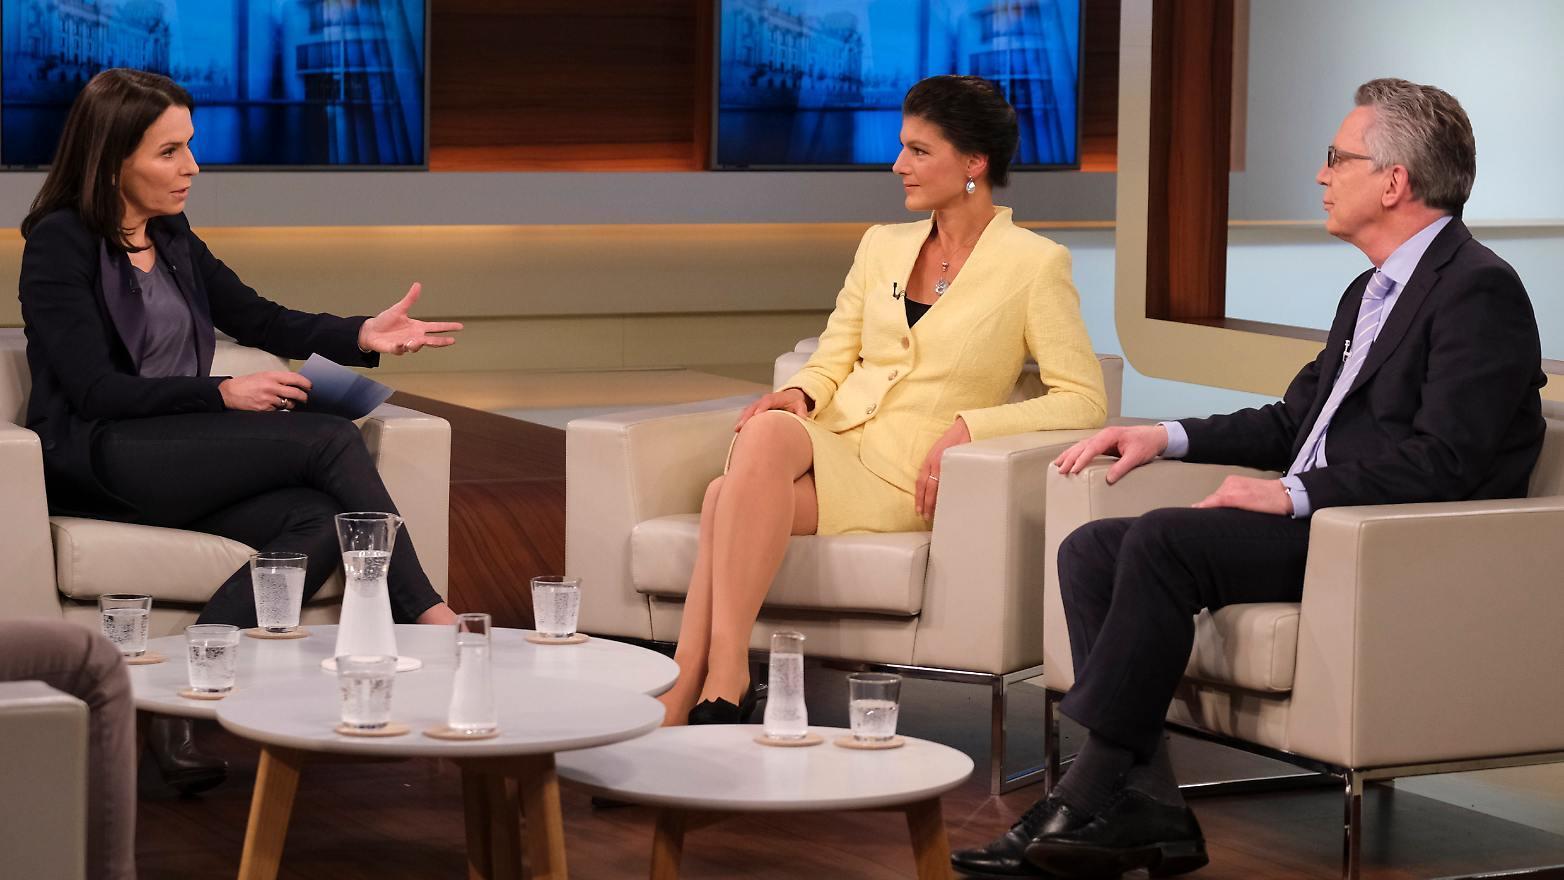 Moderatorin Anne Will mit Gästen Sarah Wagenknecht und Thomas de Maizière (Foto: NDR/Wolfgang Borrs)